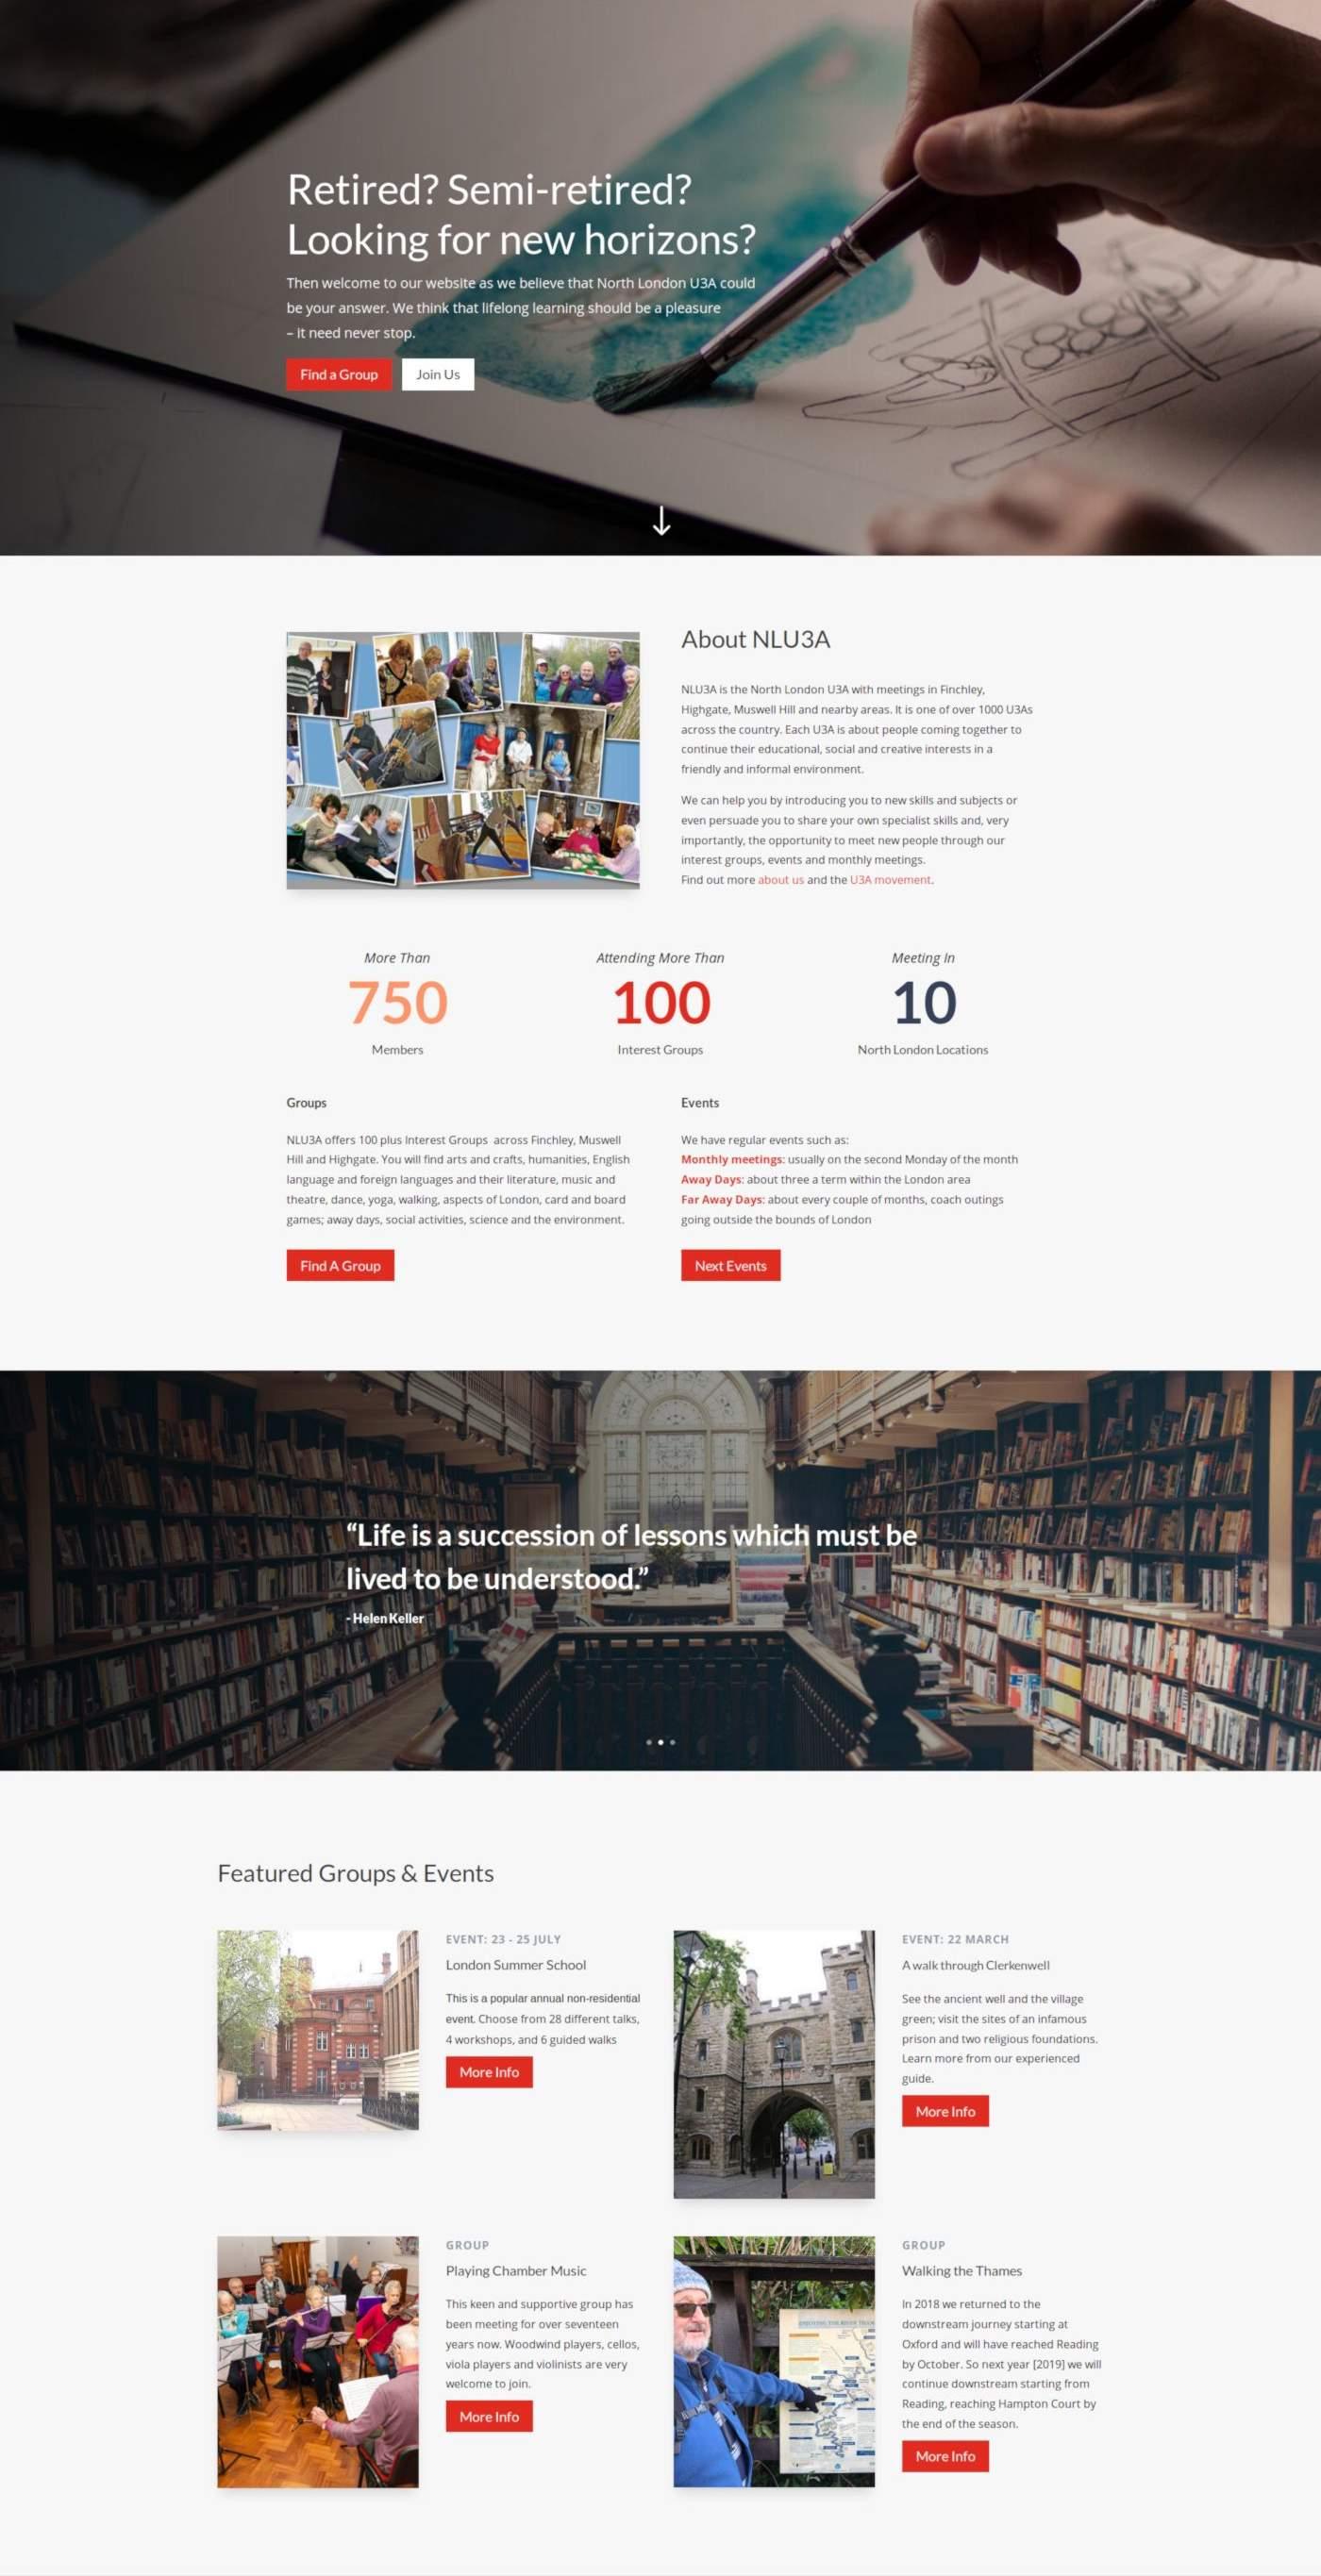 NLU3A Home Page